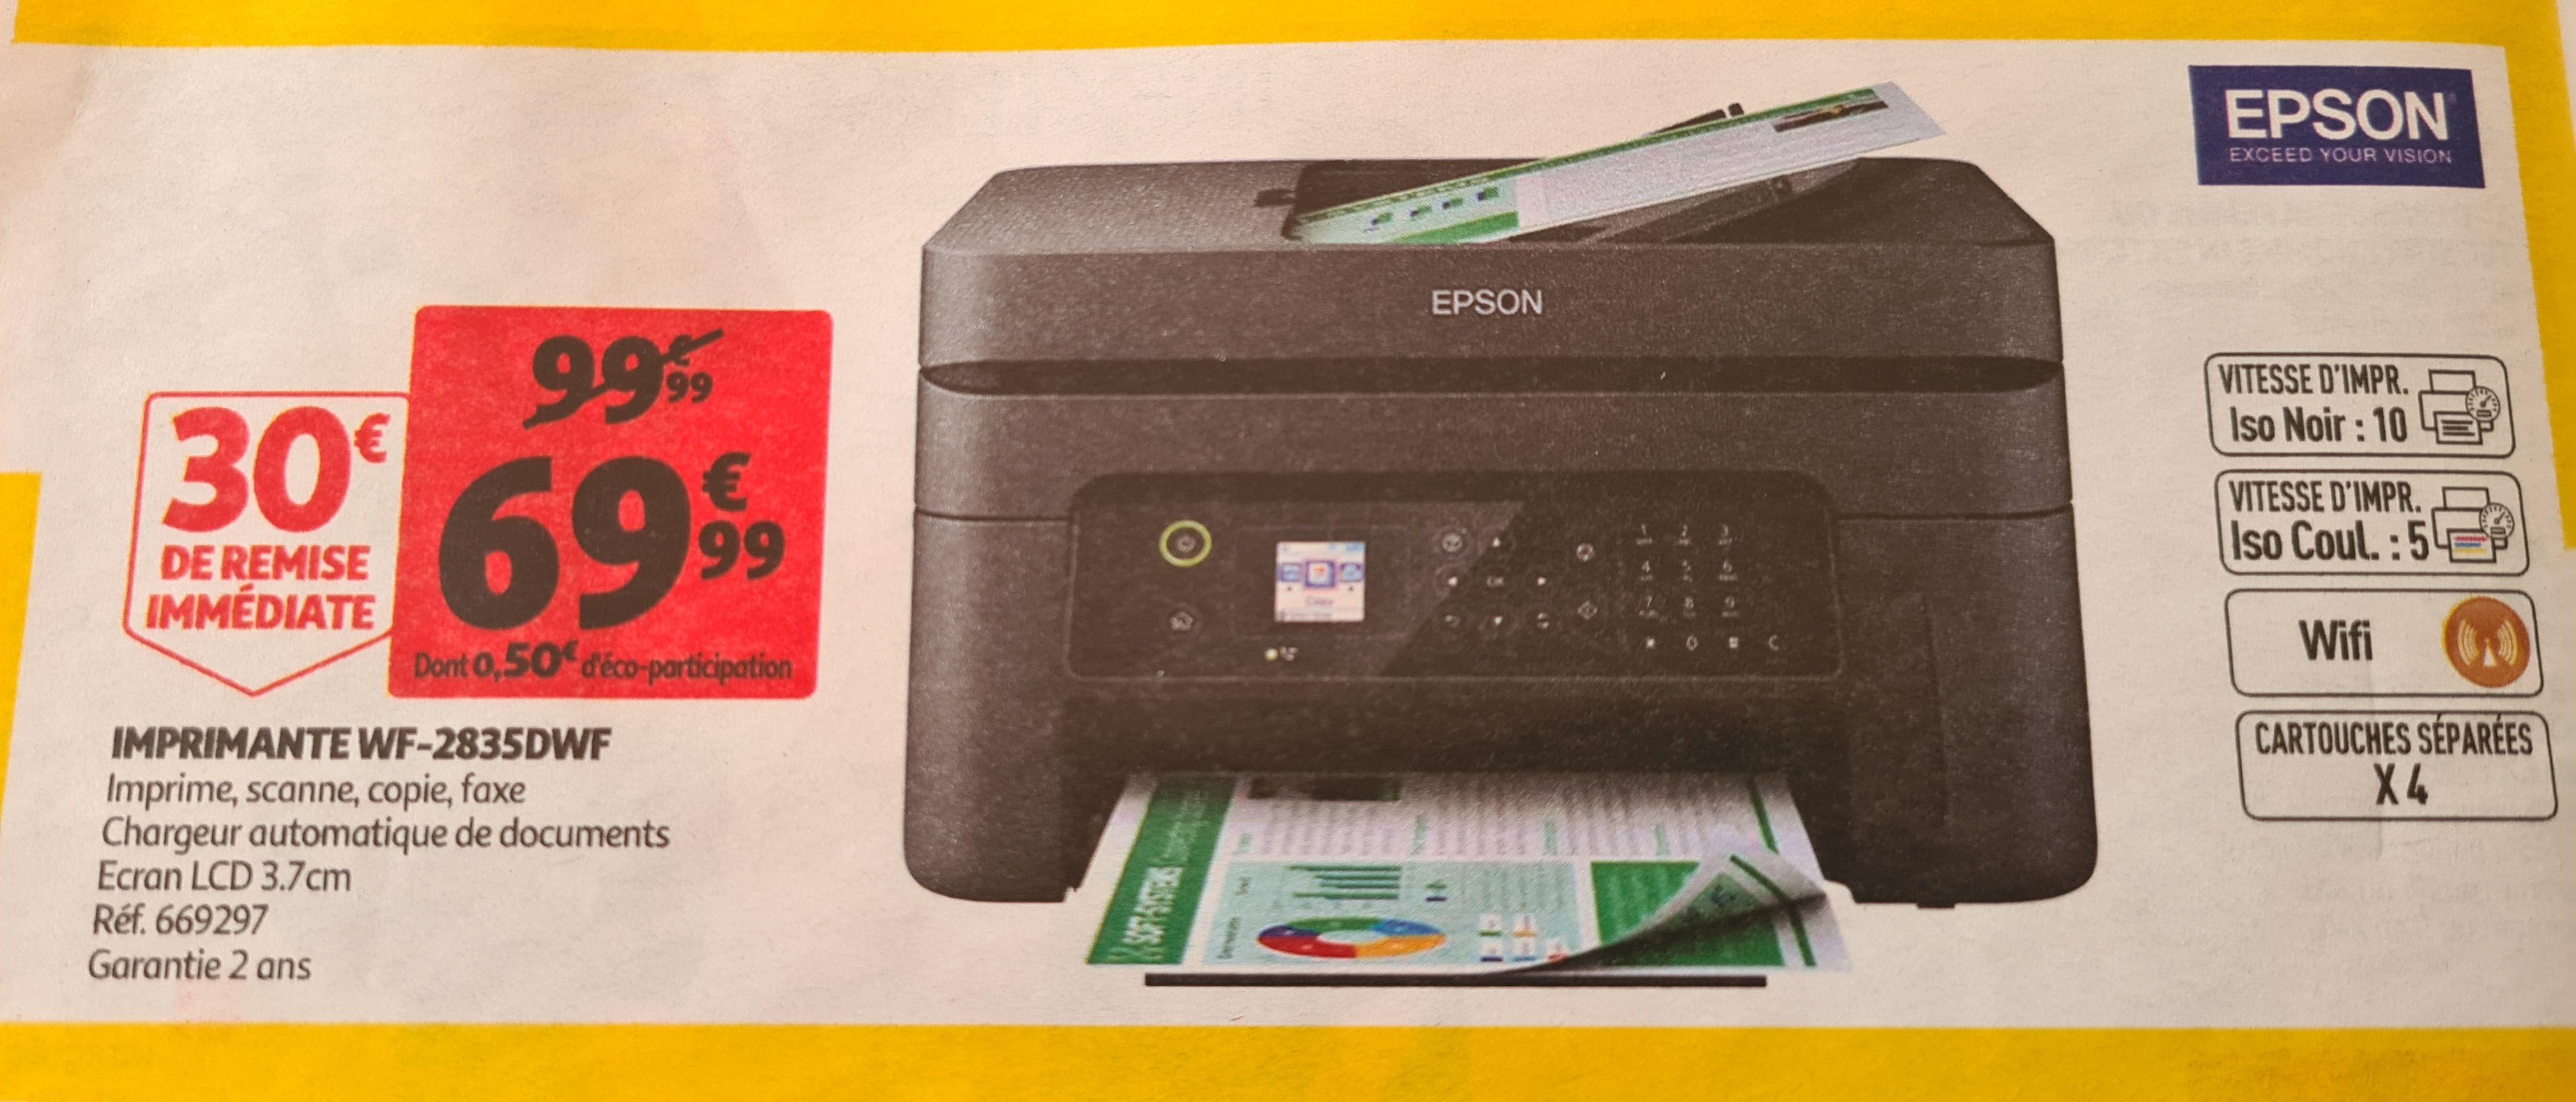 Imprimante multifonctions jet d'encre Epson WorkForce WF-2835DWF